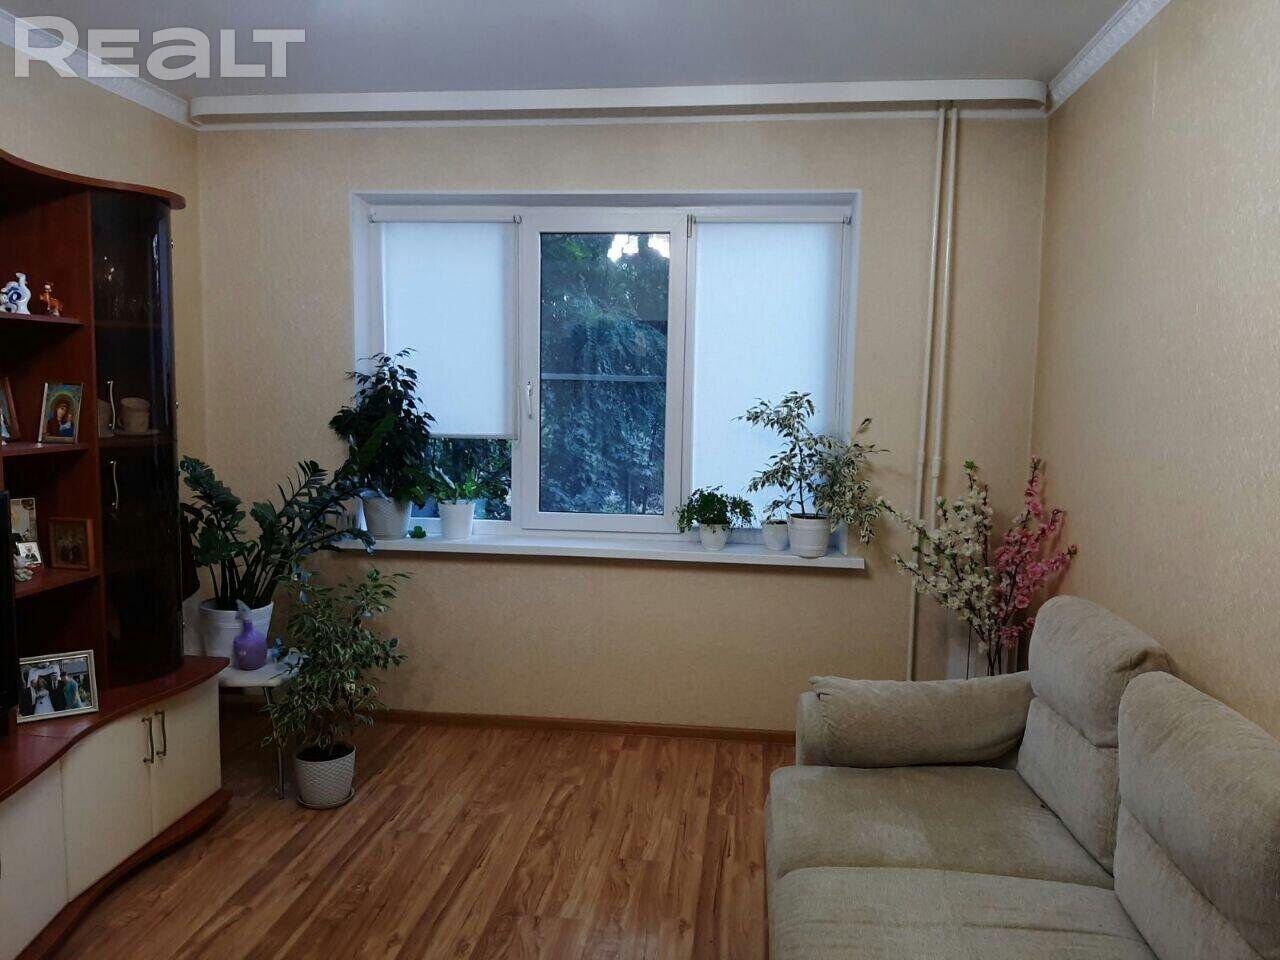 Продажа 2-х комнатной квартиры, г. Гомель, ул. Свиридова, дом 31 (р-н Волотова). Цена 103 148 руб c торгом